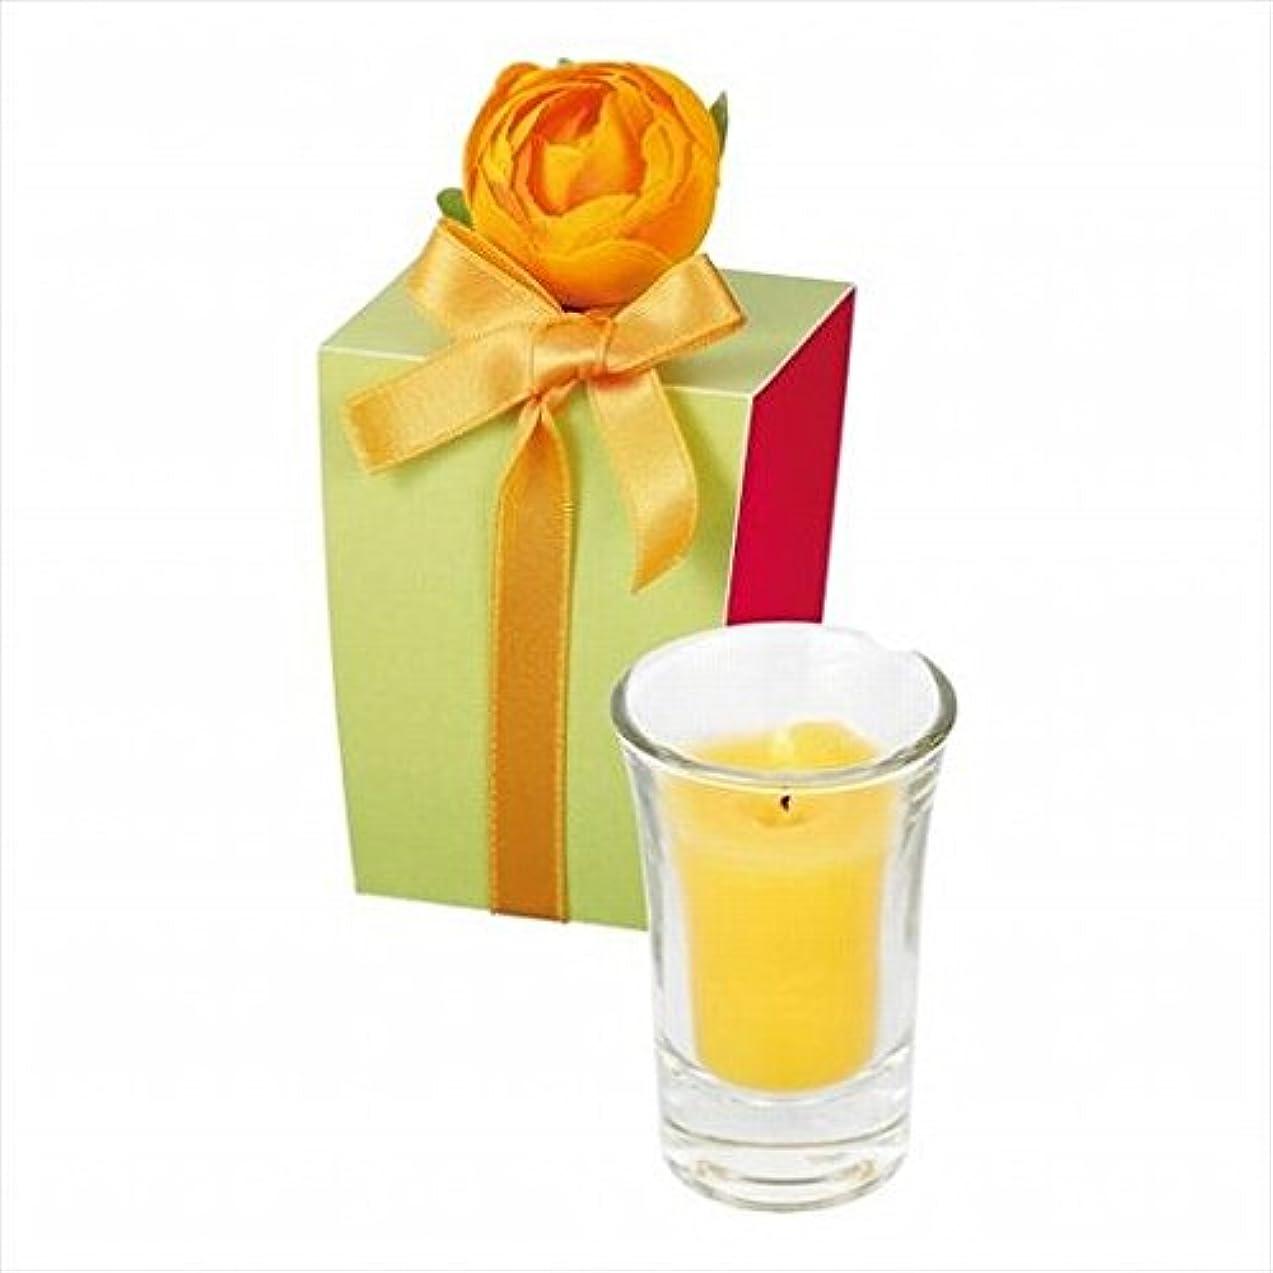 事件、出来事豚重要kameyama candle(カメヤマキャンドル) ラナンキュラスグラスキャンドル 「 イエロー 」(A9390500Y)